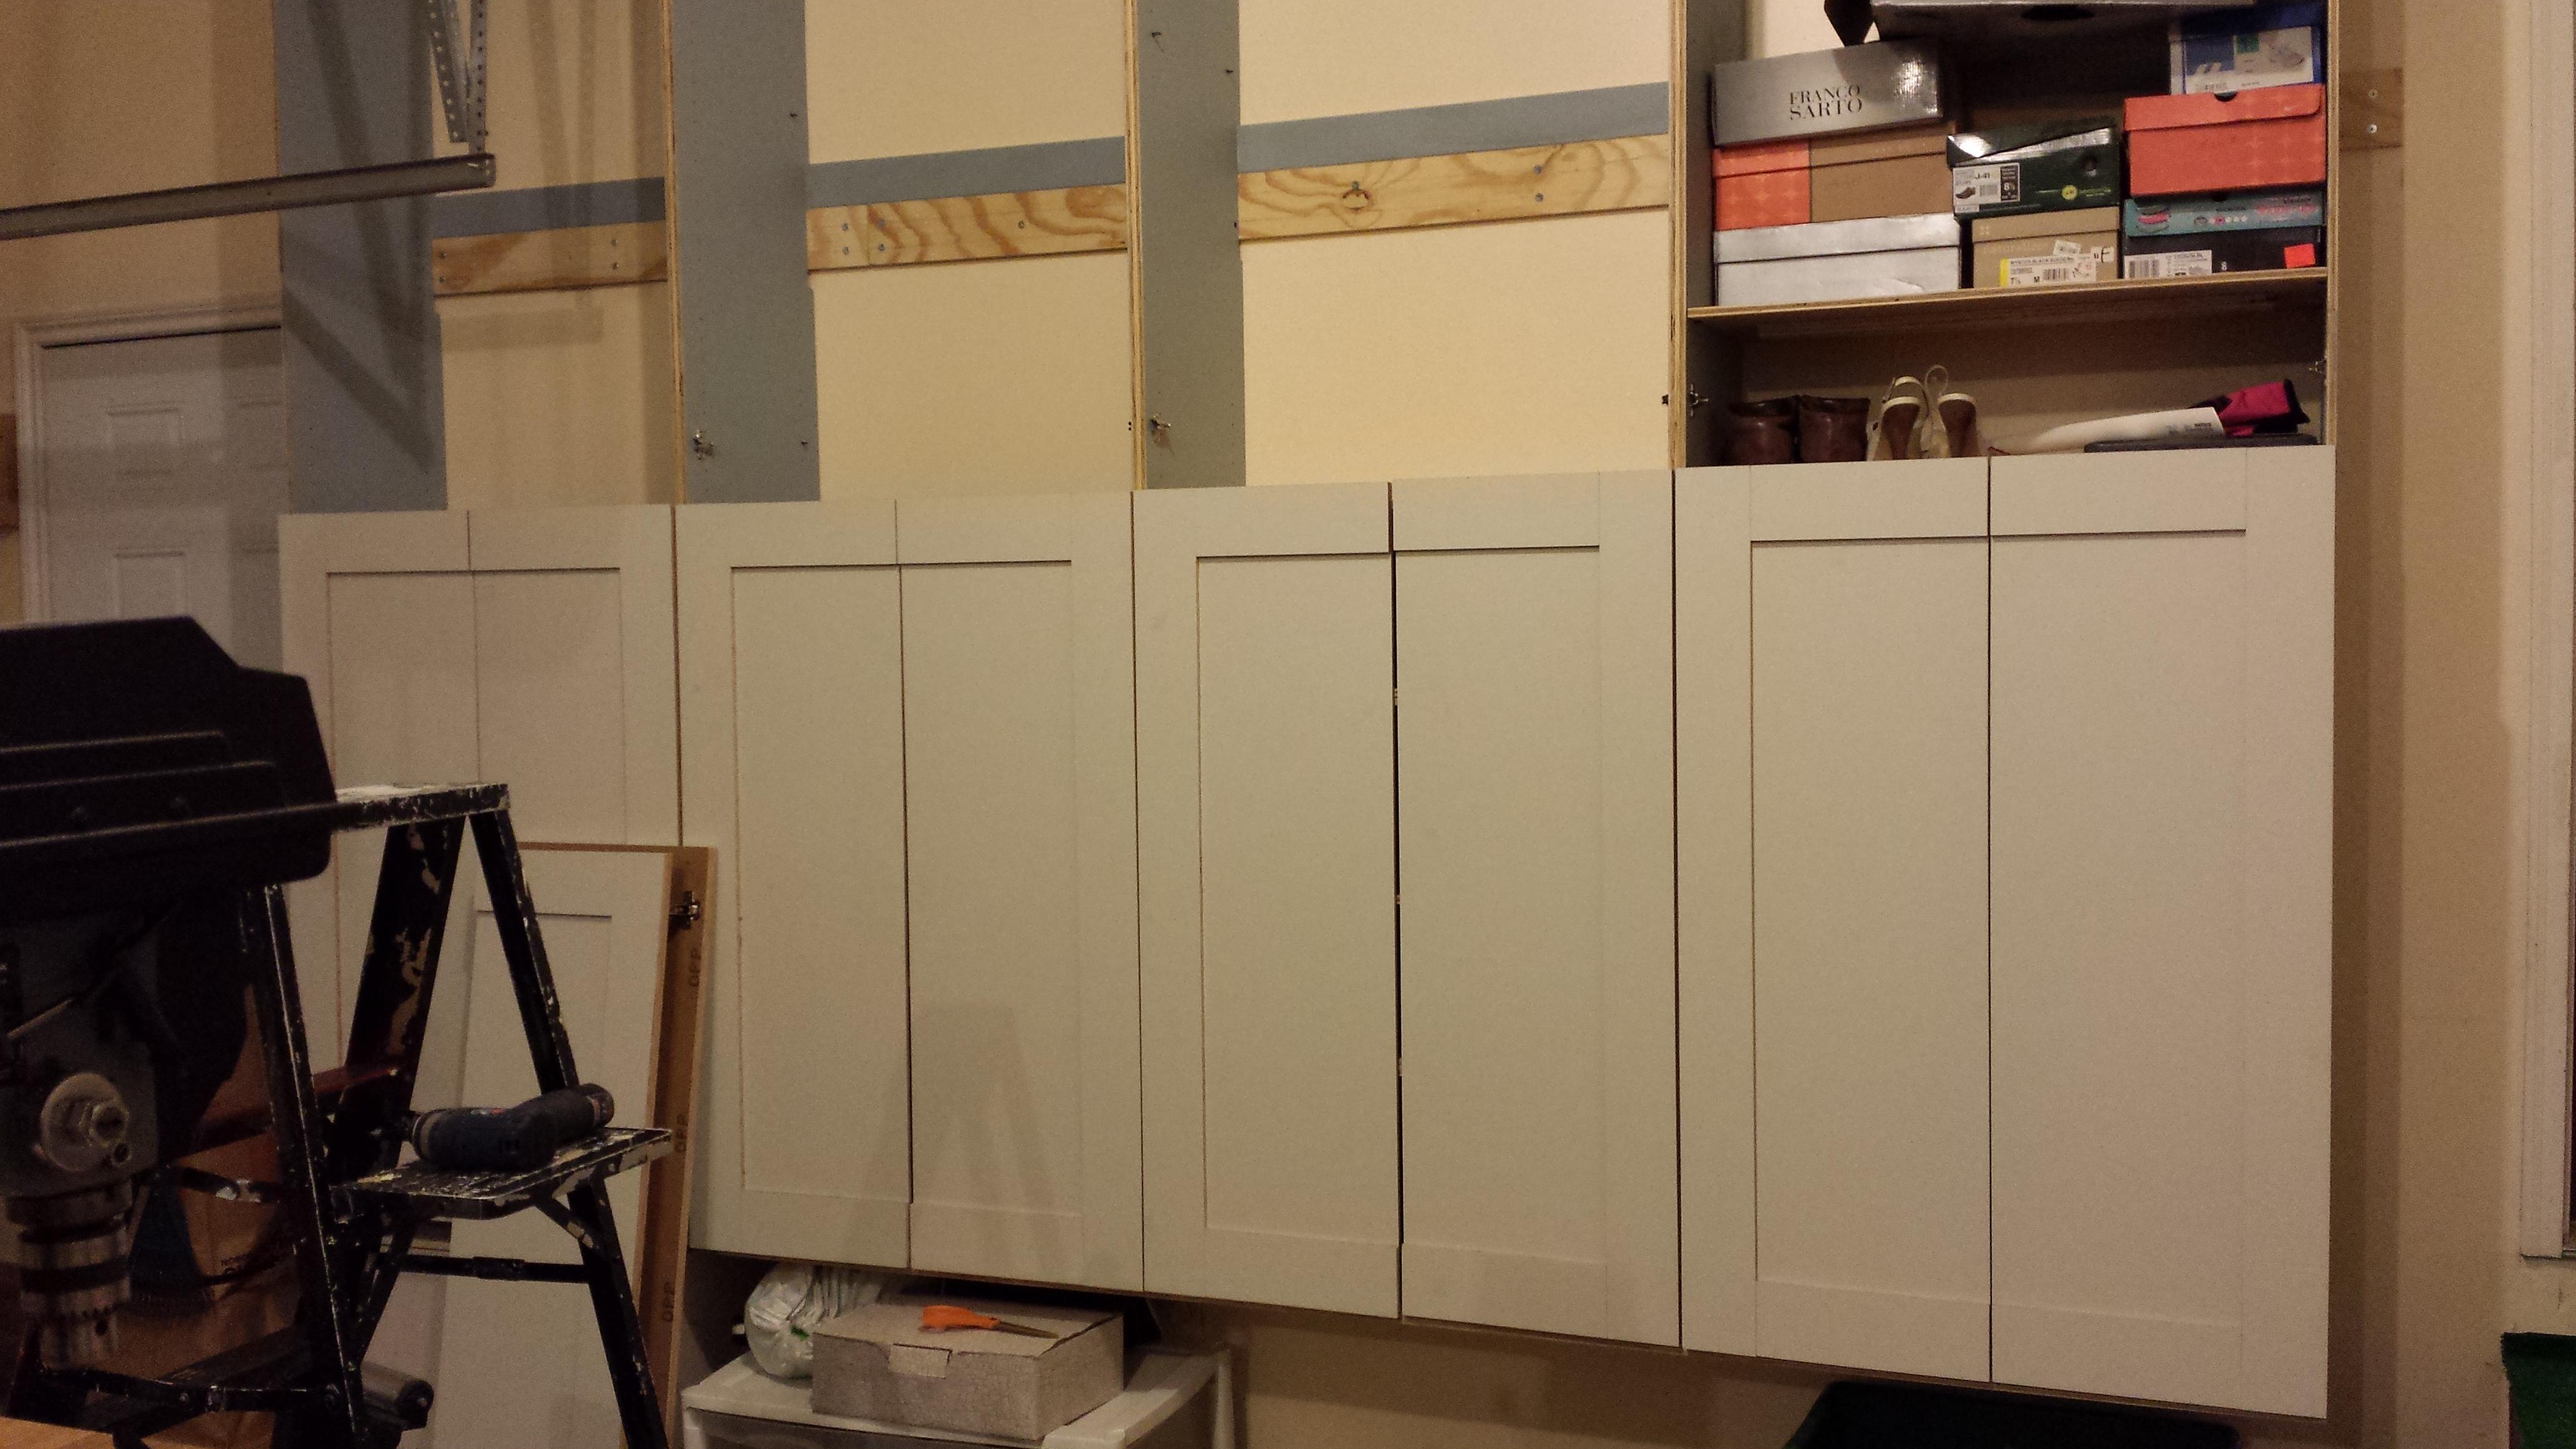 Picture of Hanging Doors